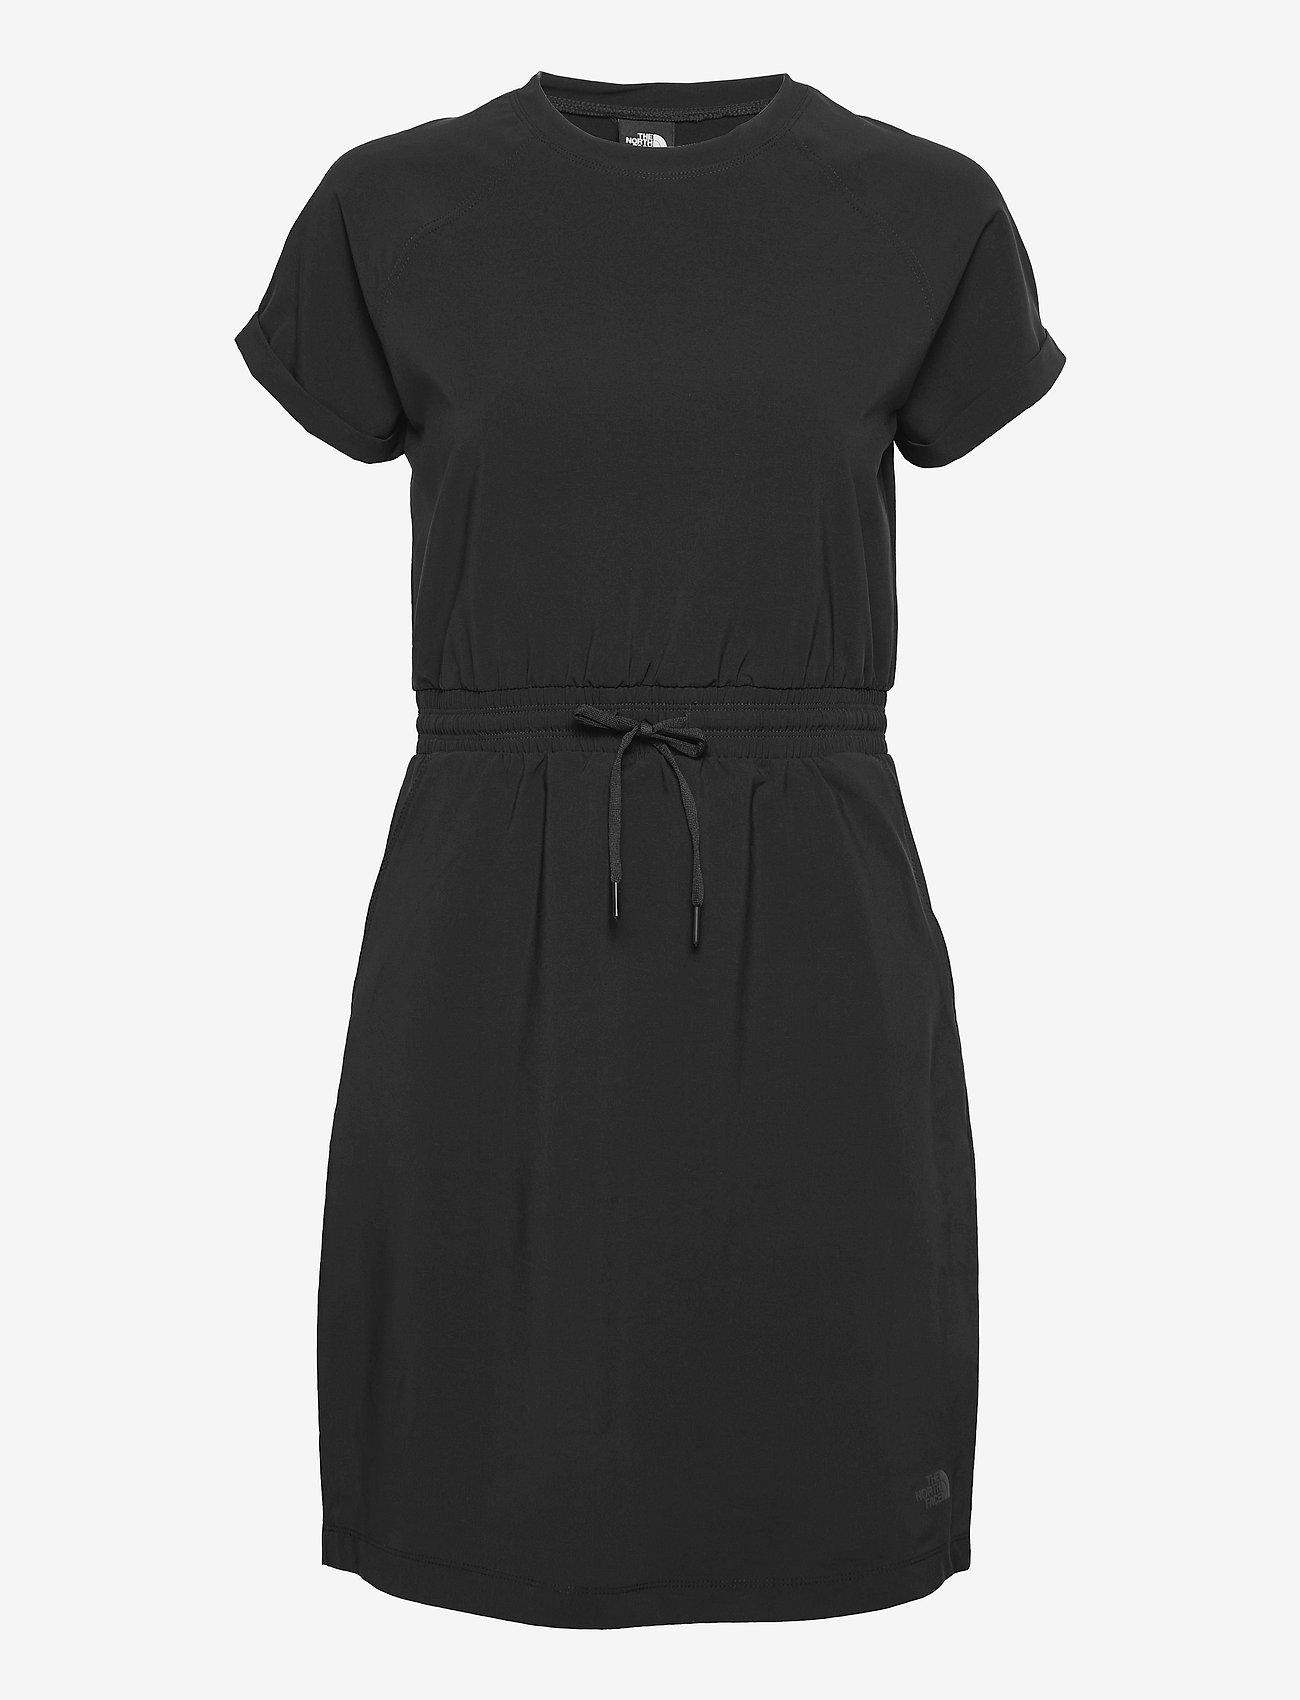 The North Face - W NSW DRESS - sommerkjoler - tnf black - 0